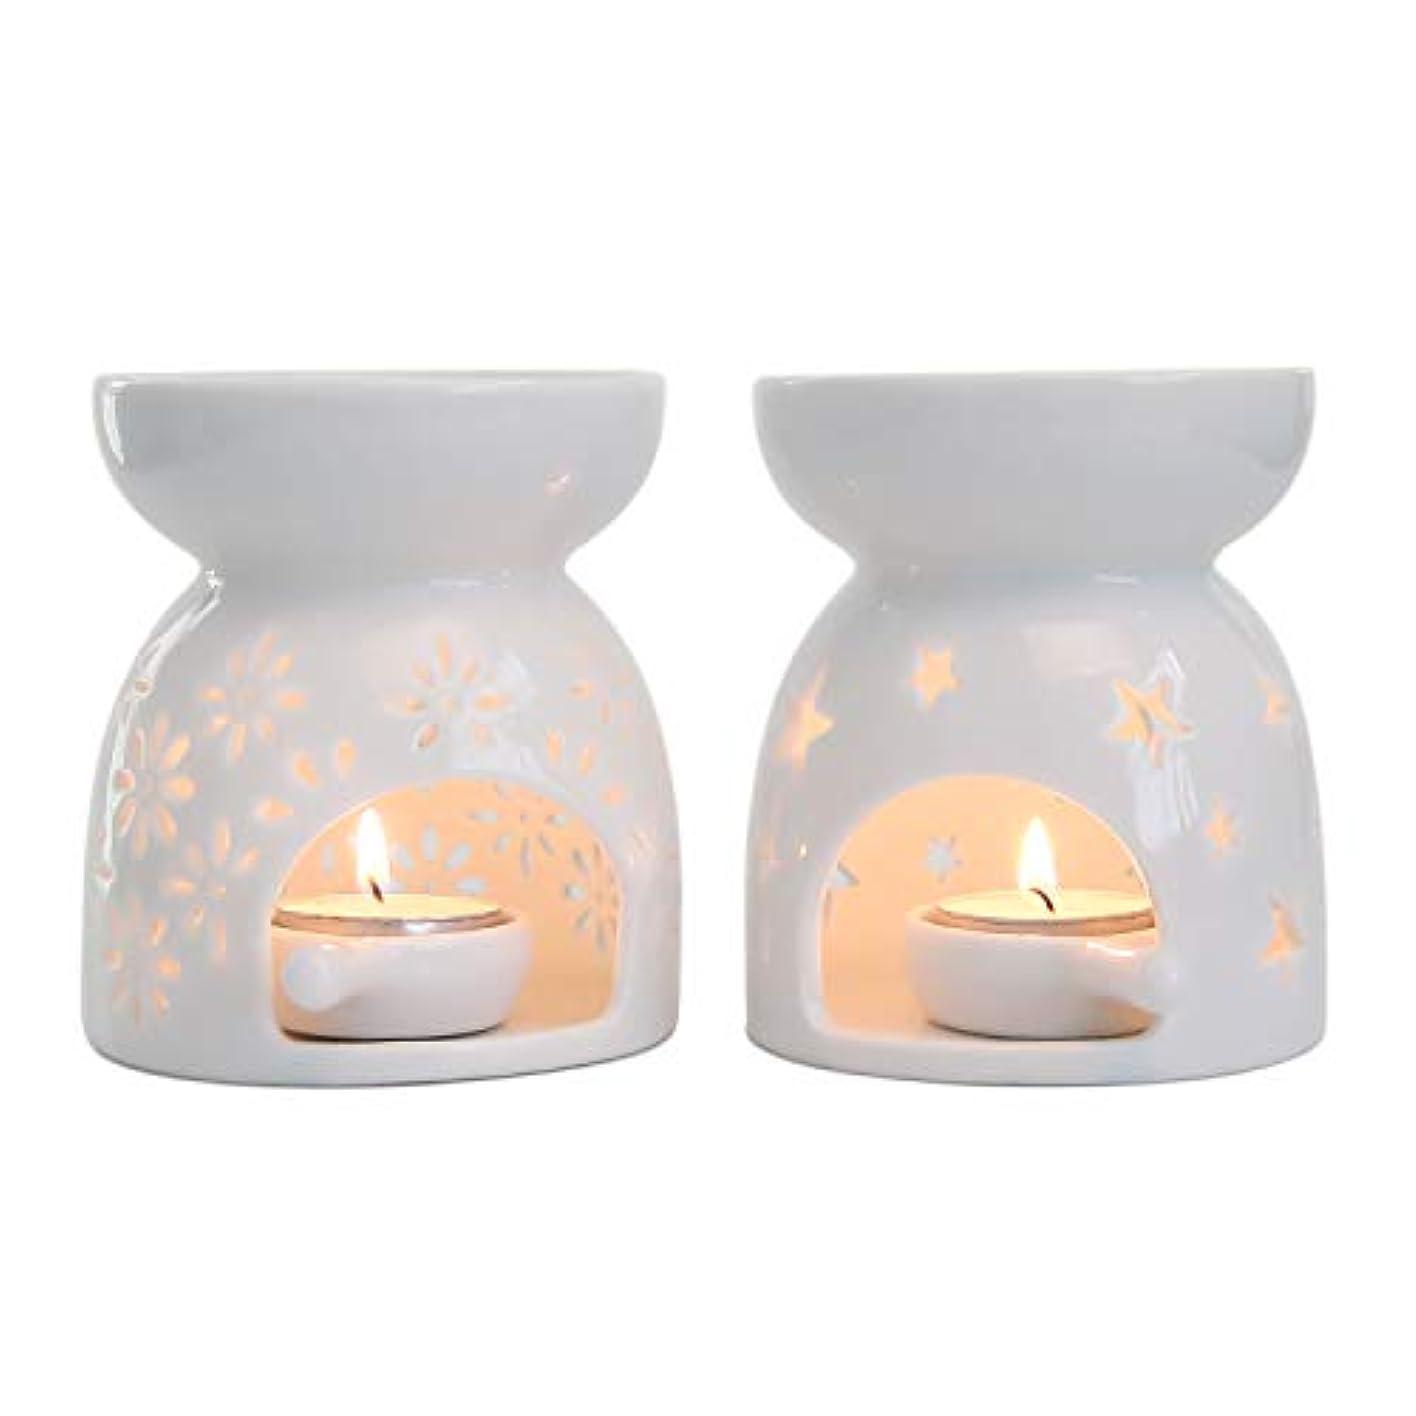 厳しい現実ウィンクRachel's Choice 陶製 アロマ ランプ ディフューザー アロマキャンドル キャンドルホルダー 花形&星形 ホワイト 2点セット